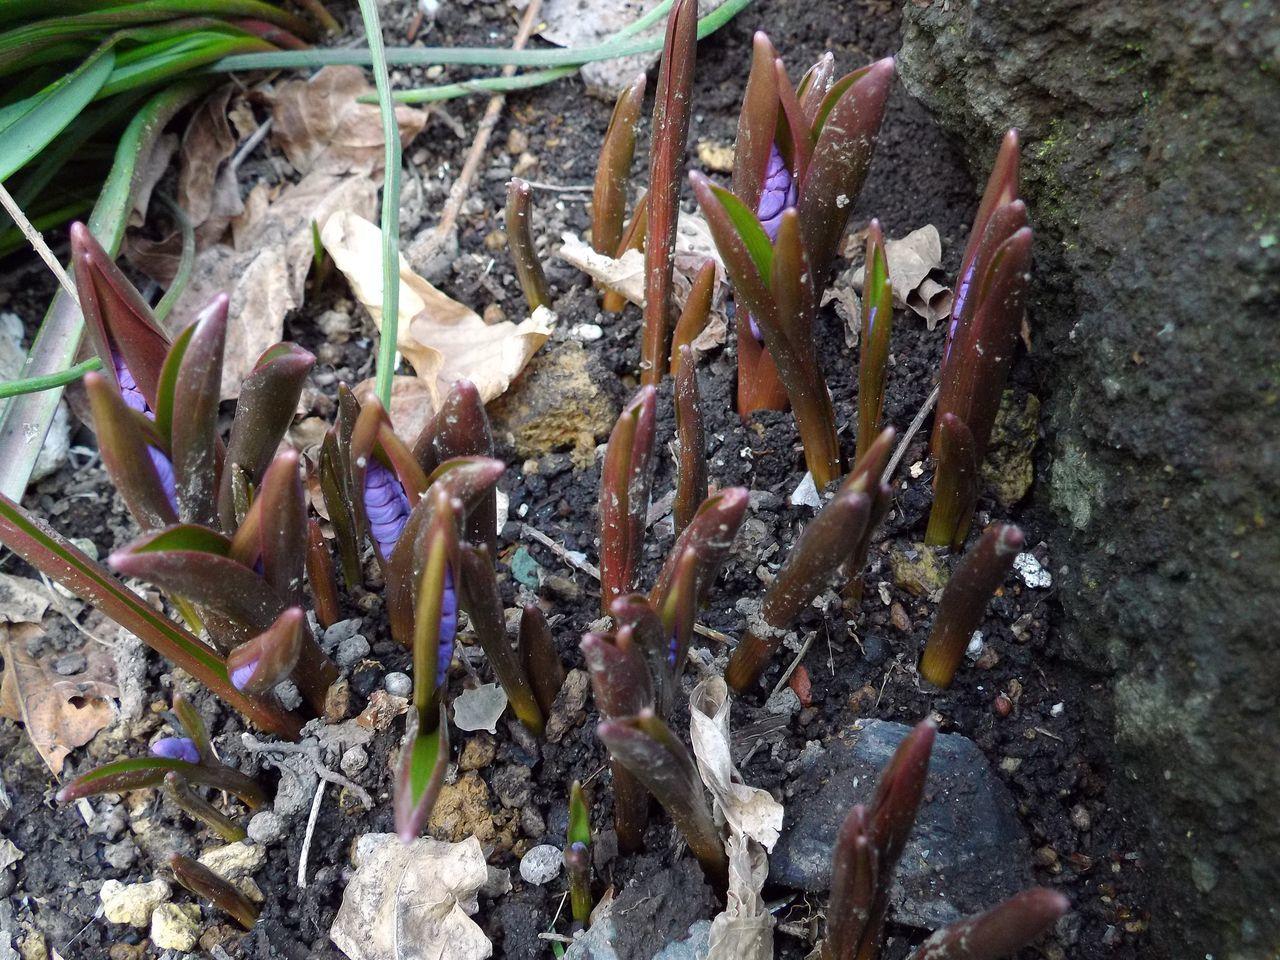 雪解けは早くても植物ごよみは粛々と例年通りに進行中_c0025115_21213572.jpg